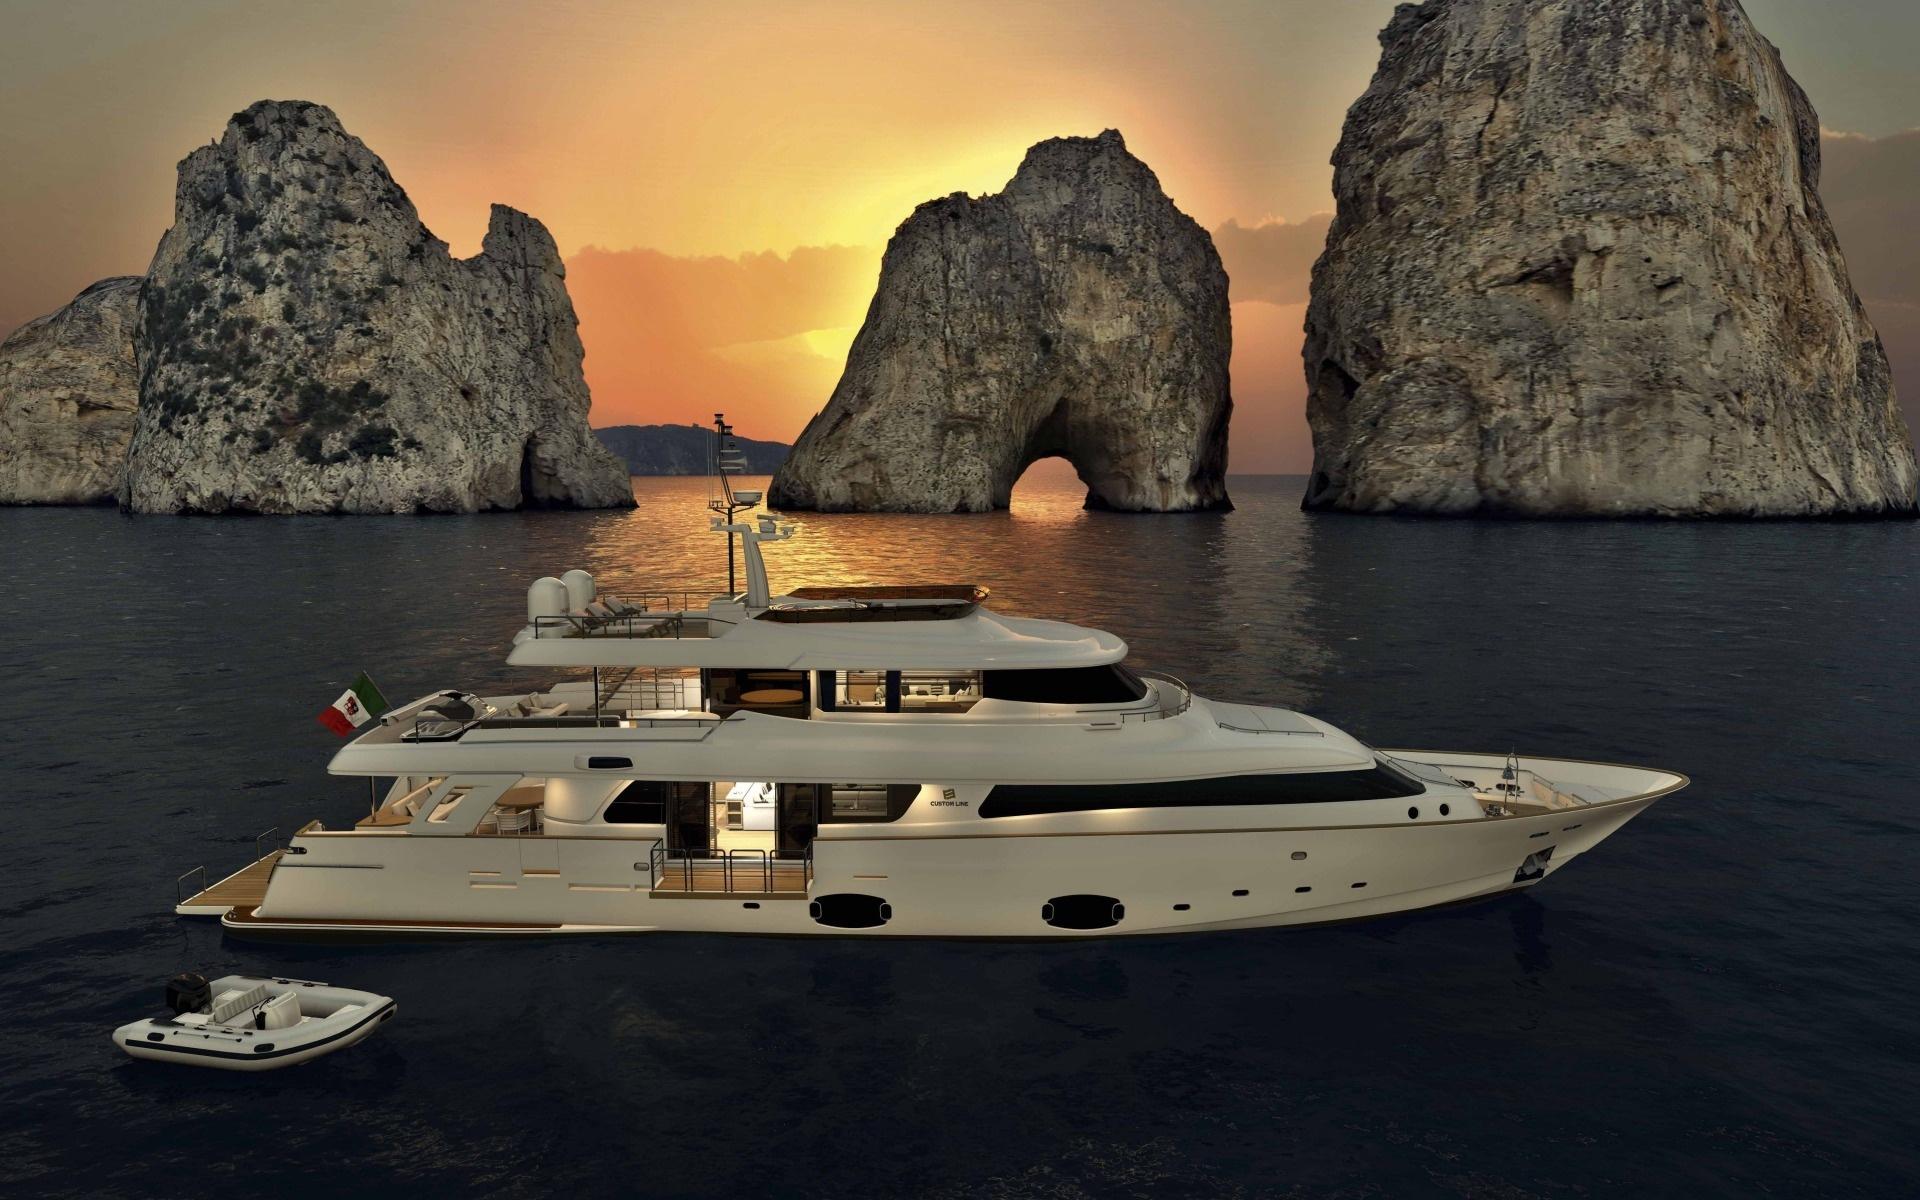 Яхта, лодка, скалы